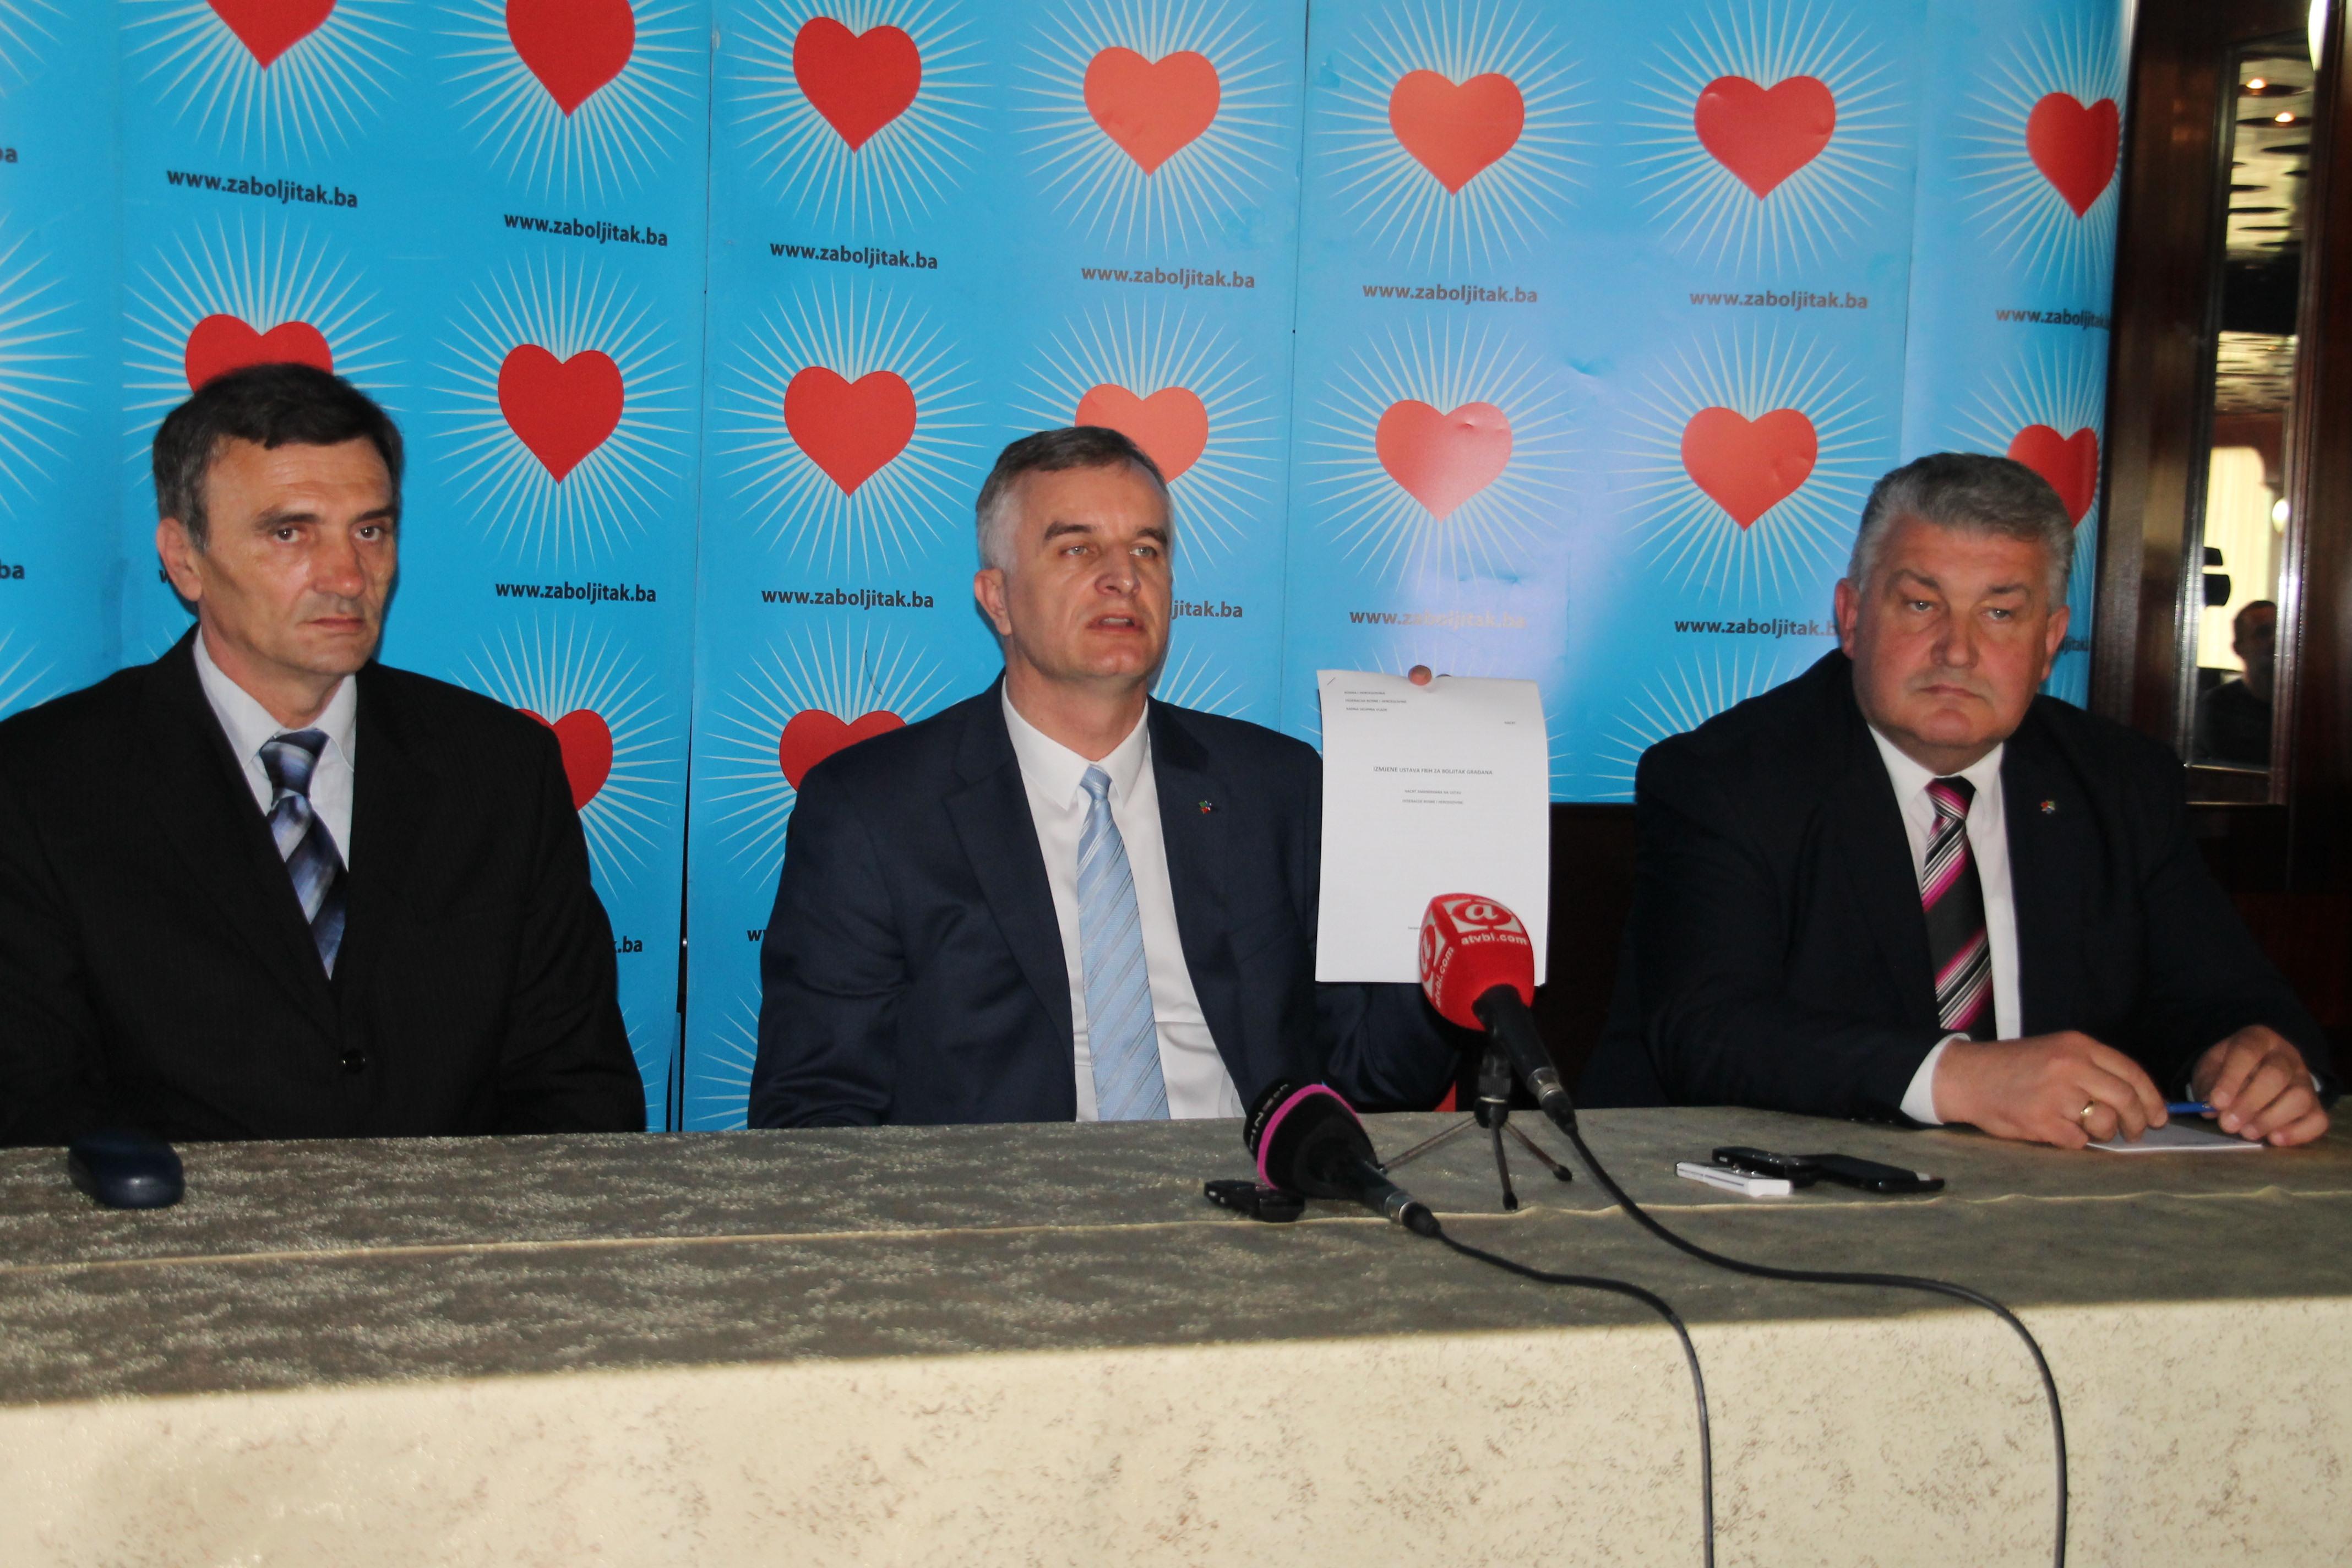 25.04.14. Detalj s odrzane press konferencije u Banja Luci